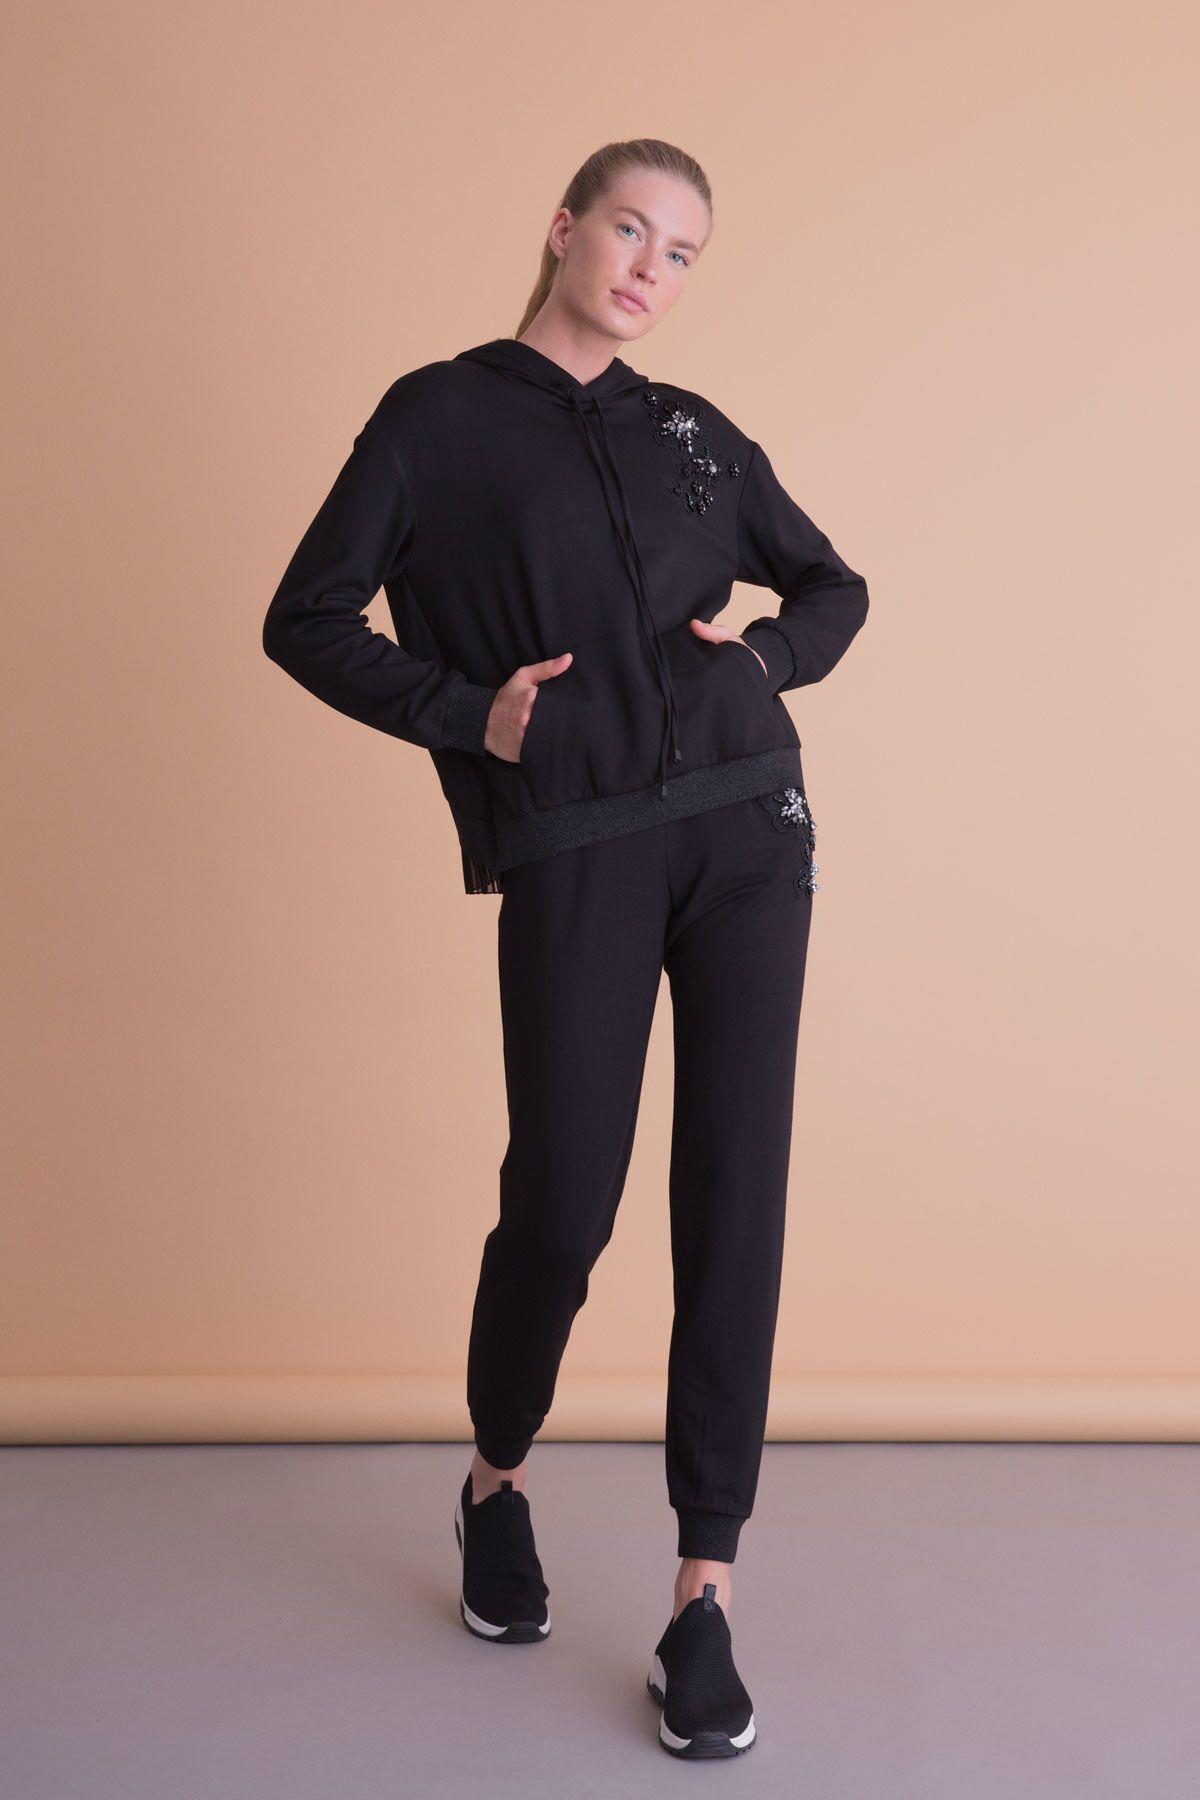 Taş İşlemeli Siyah Kapüşonlu Sweatshirt